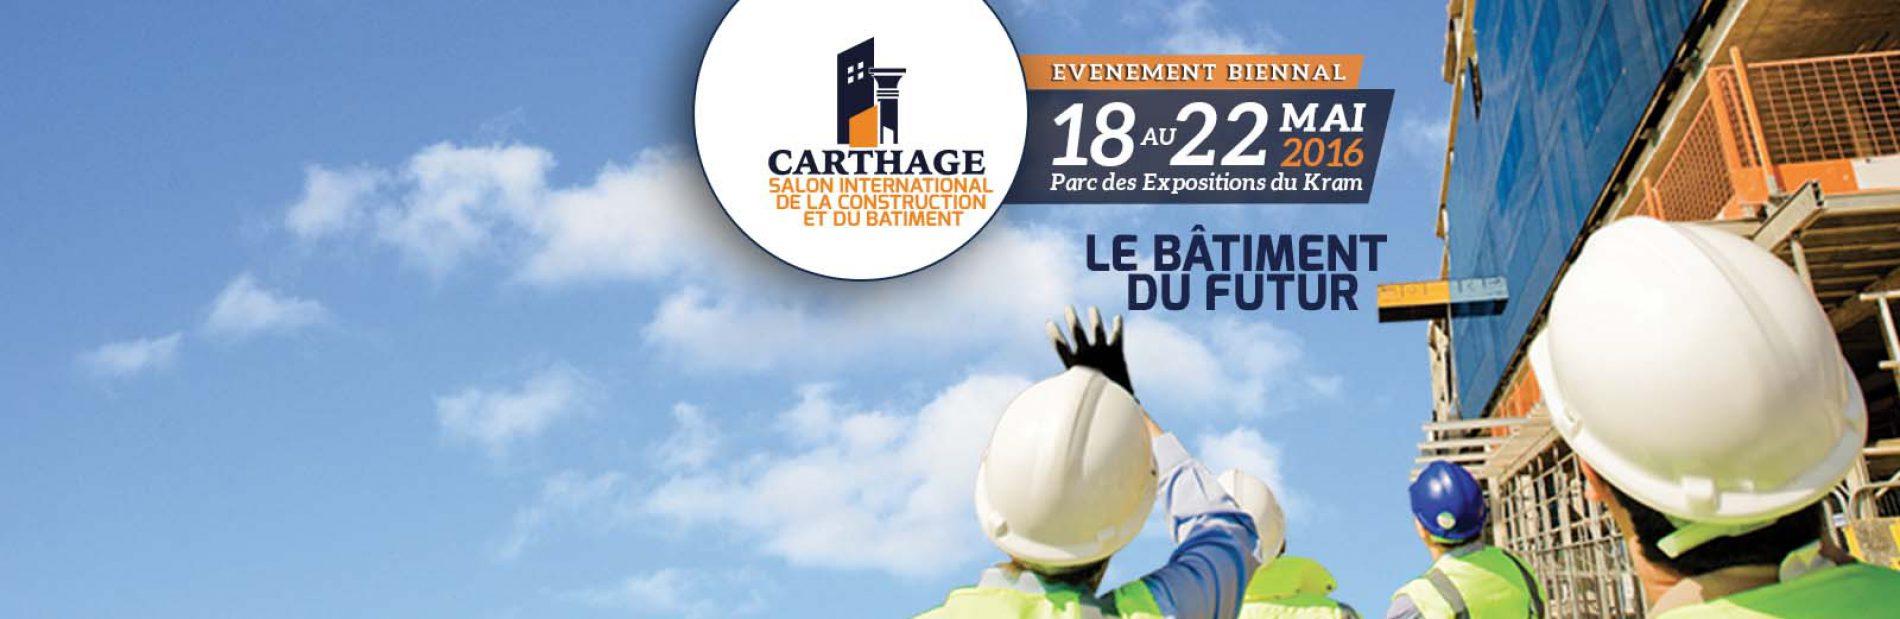 Salone Internazionale sull'Edilizia Carthage 2016